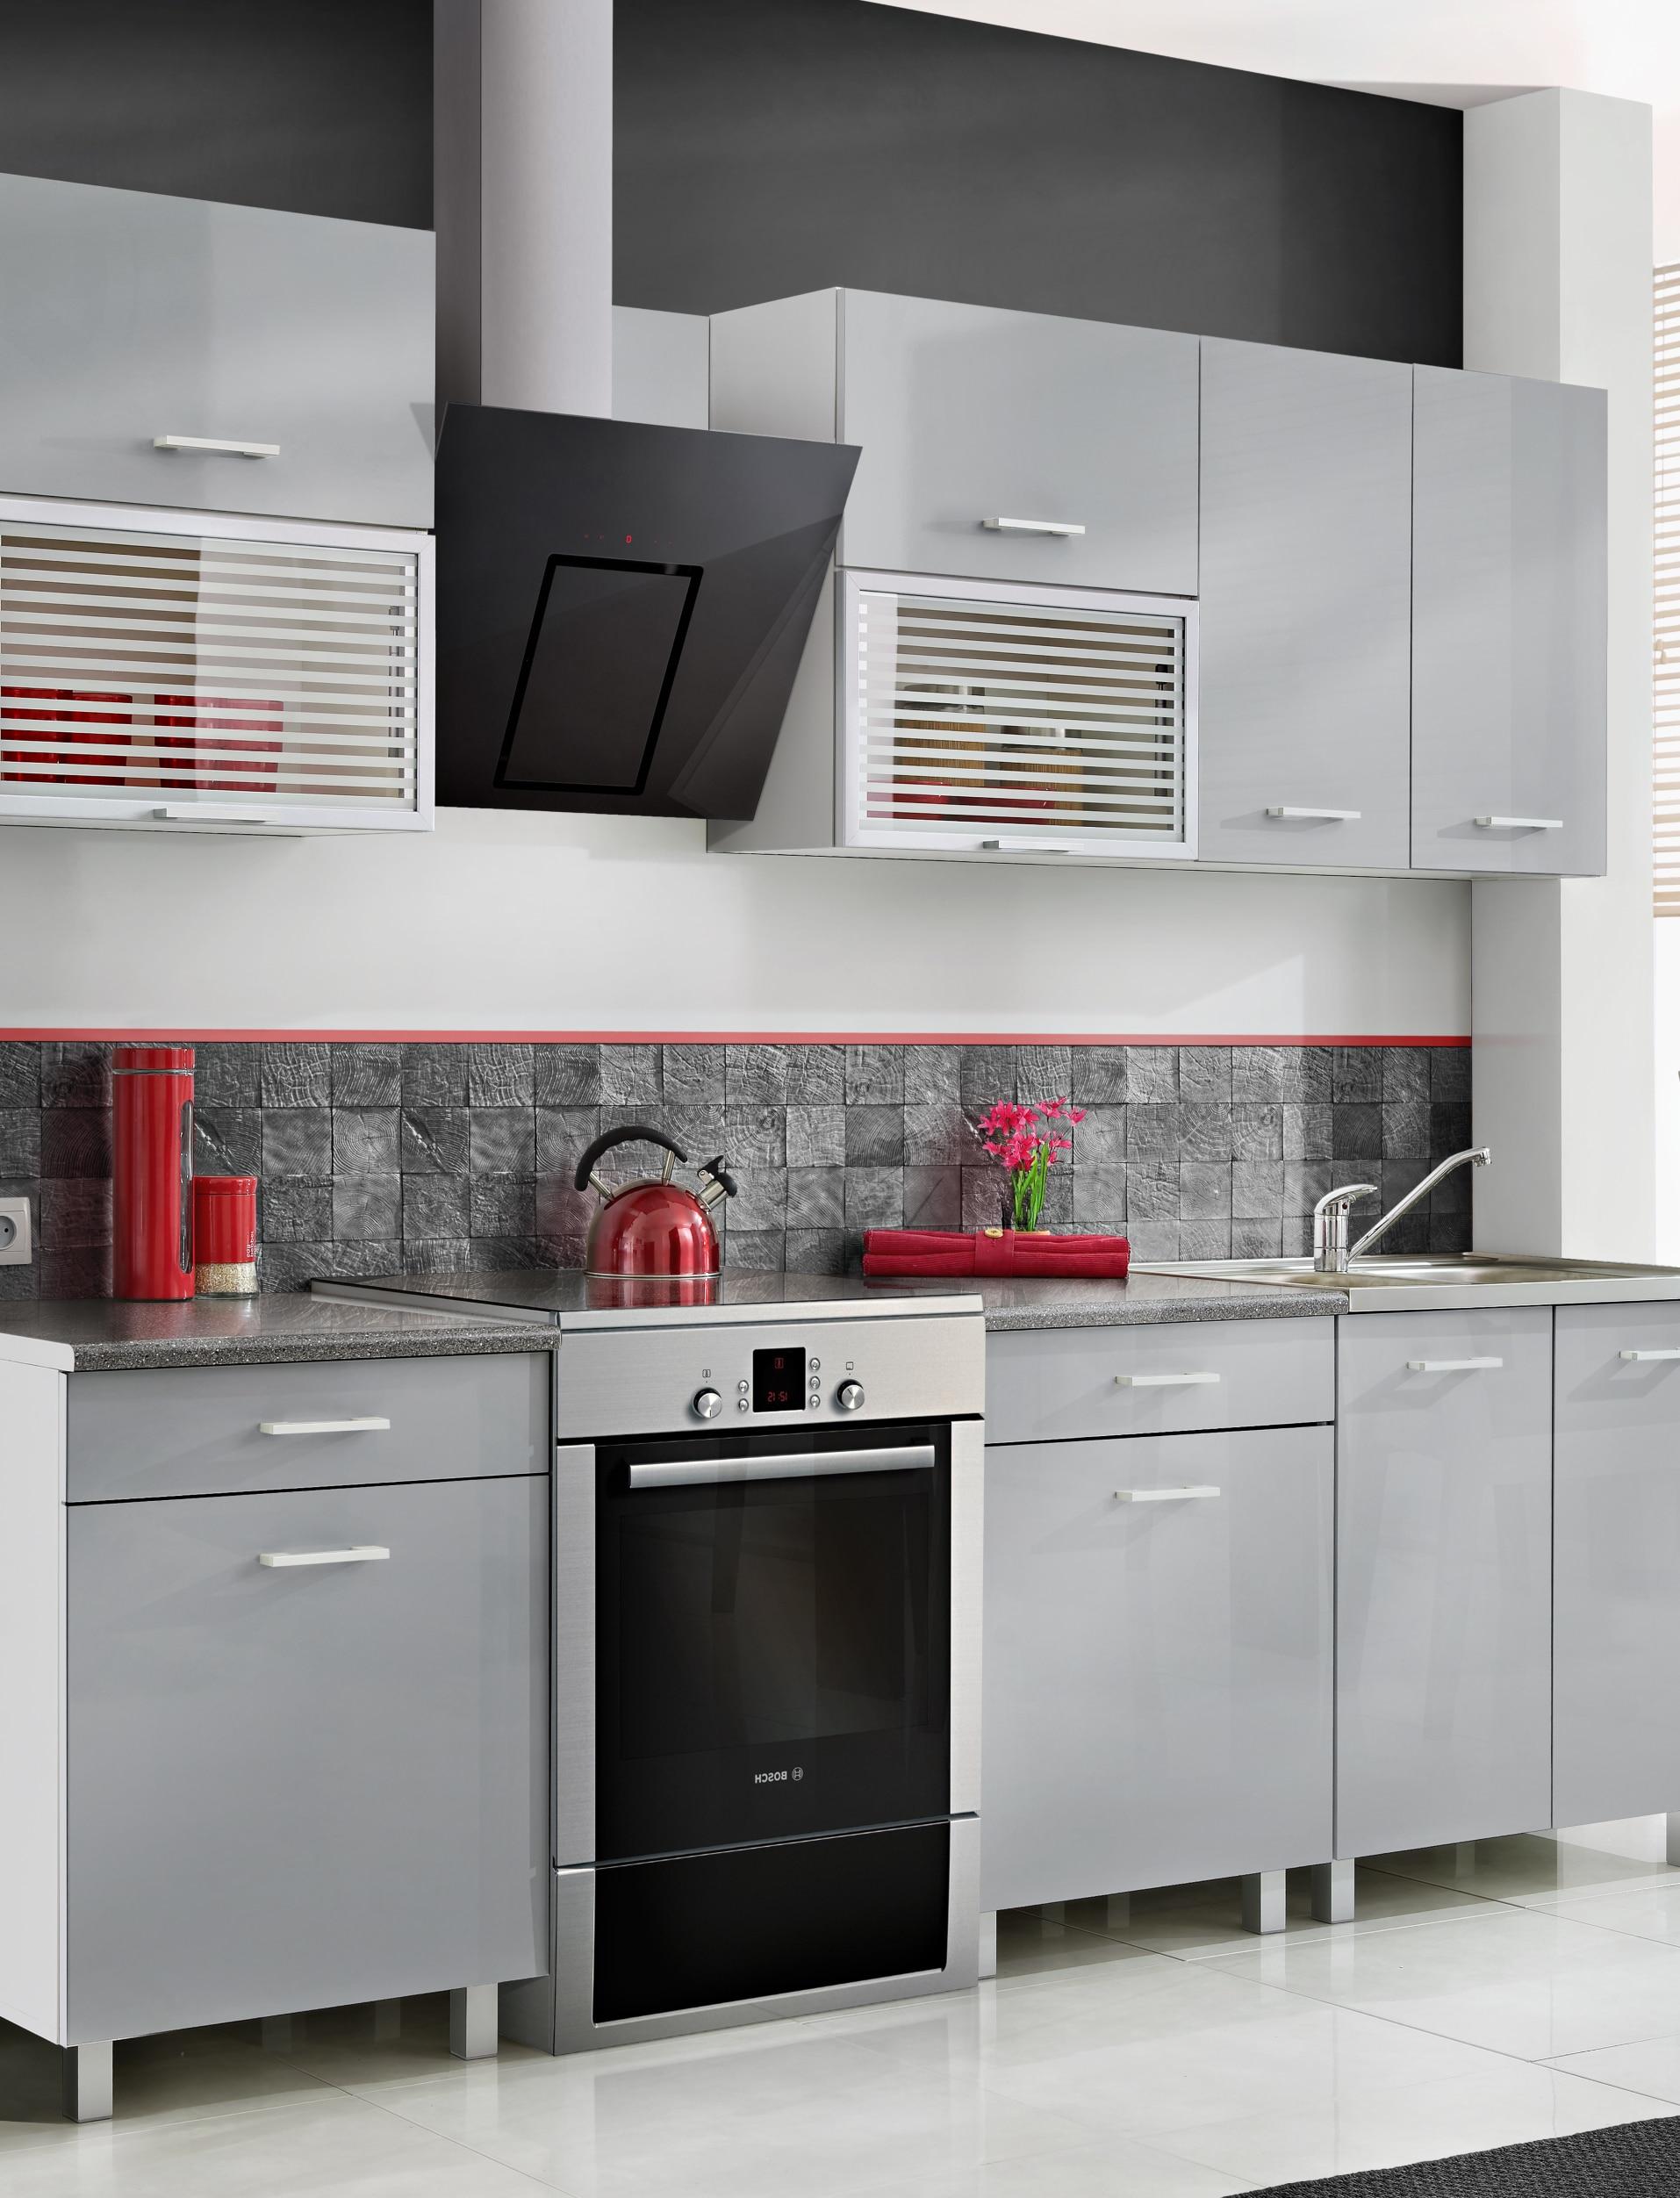 jak tanio wyposaży� kuchnię funkcjonalnie i estetycznie